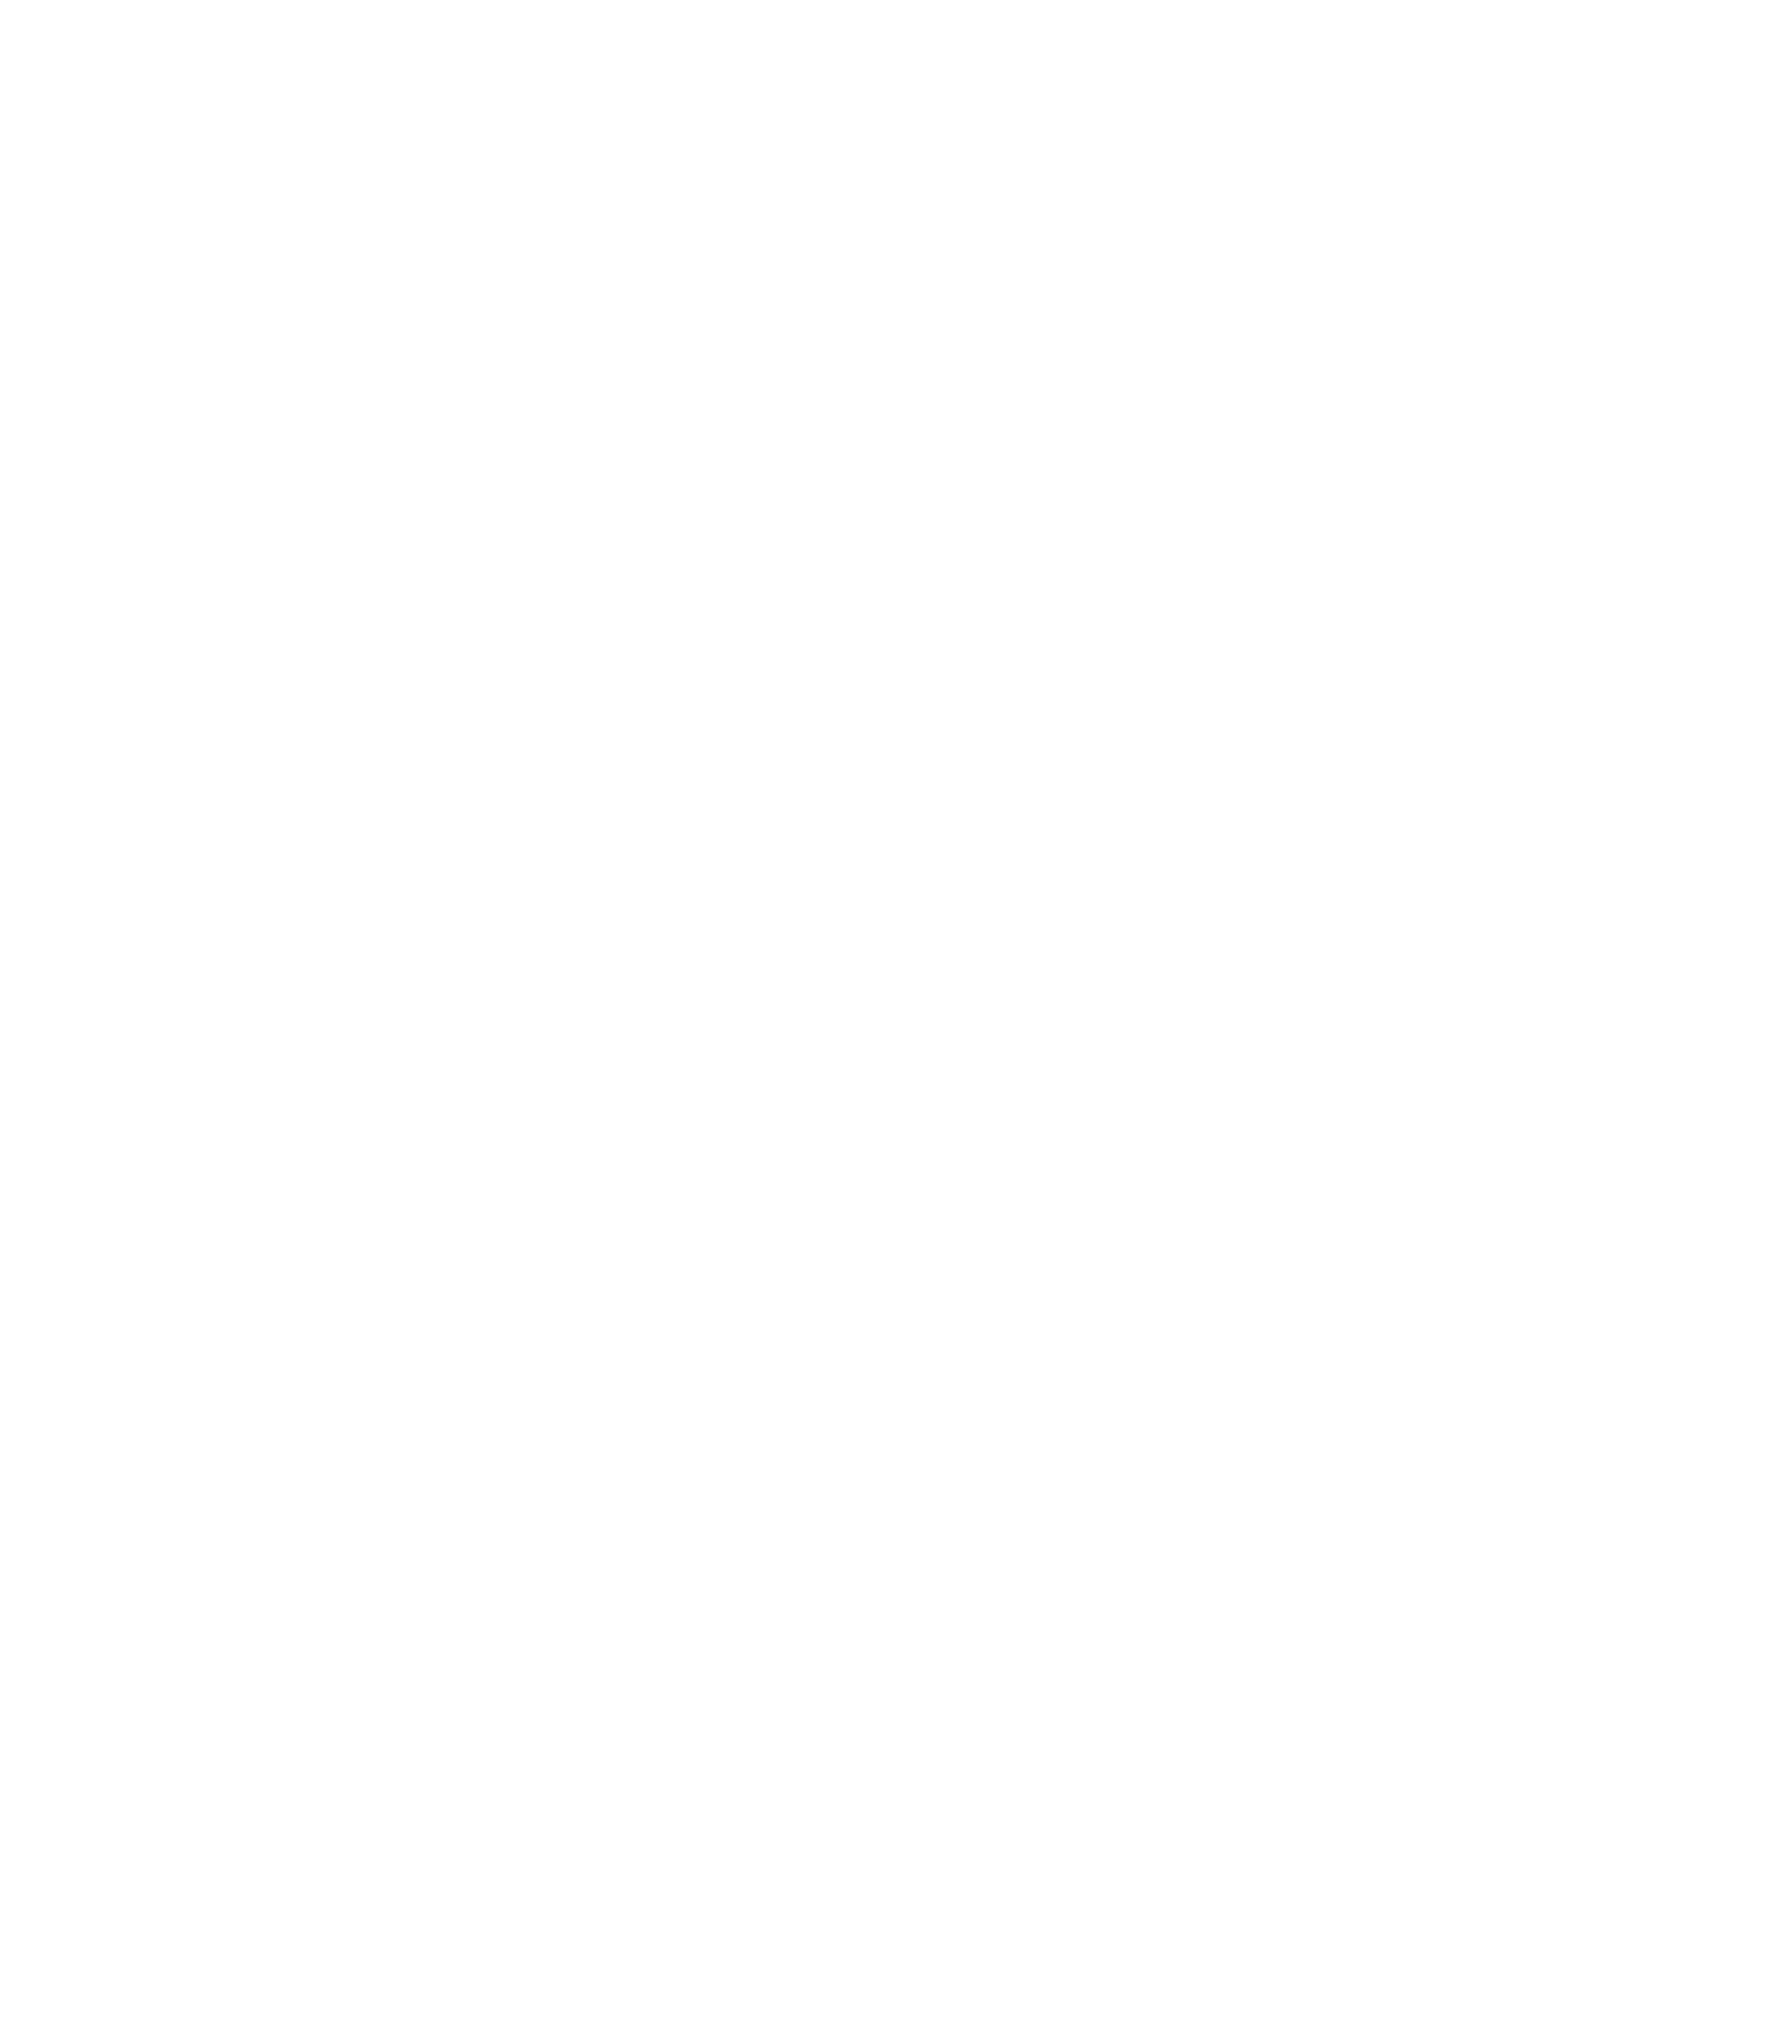 Mr&Mrs-w.png